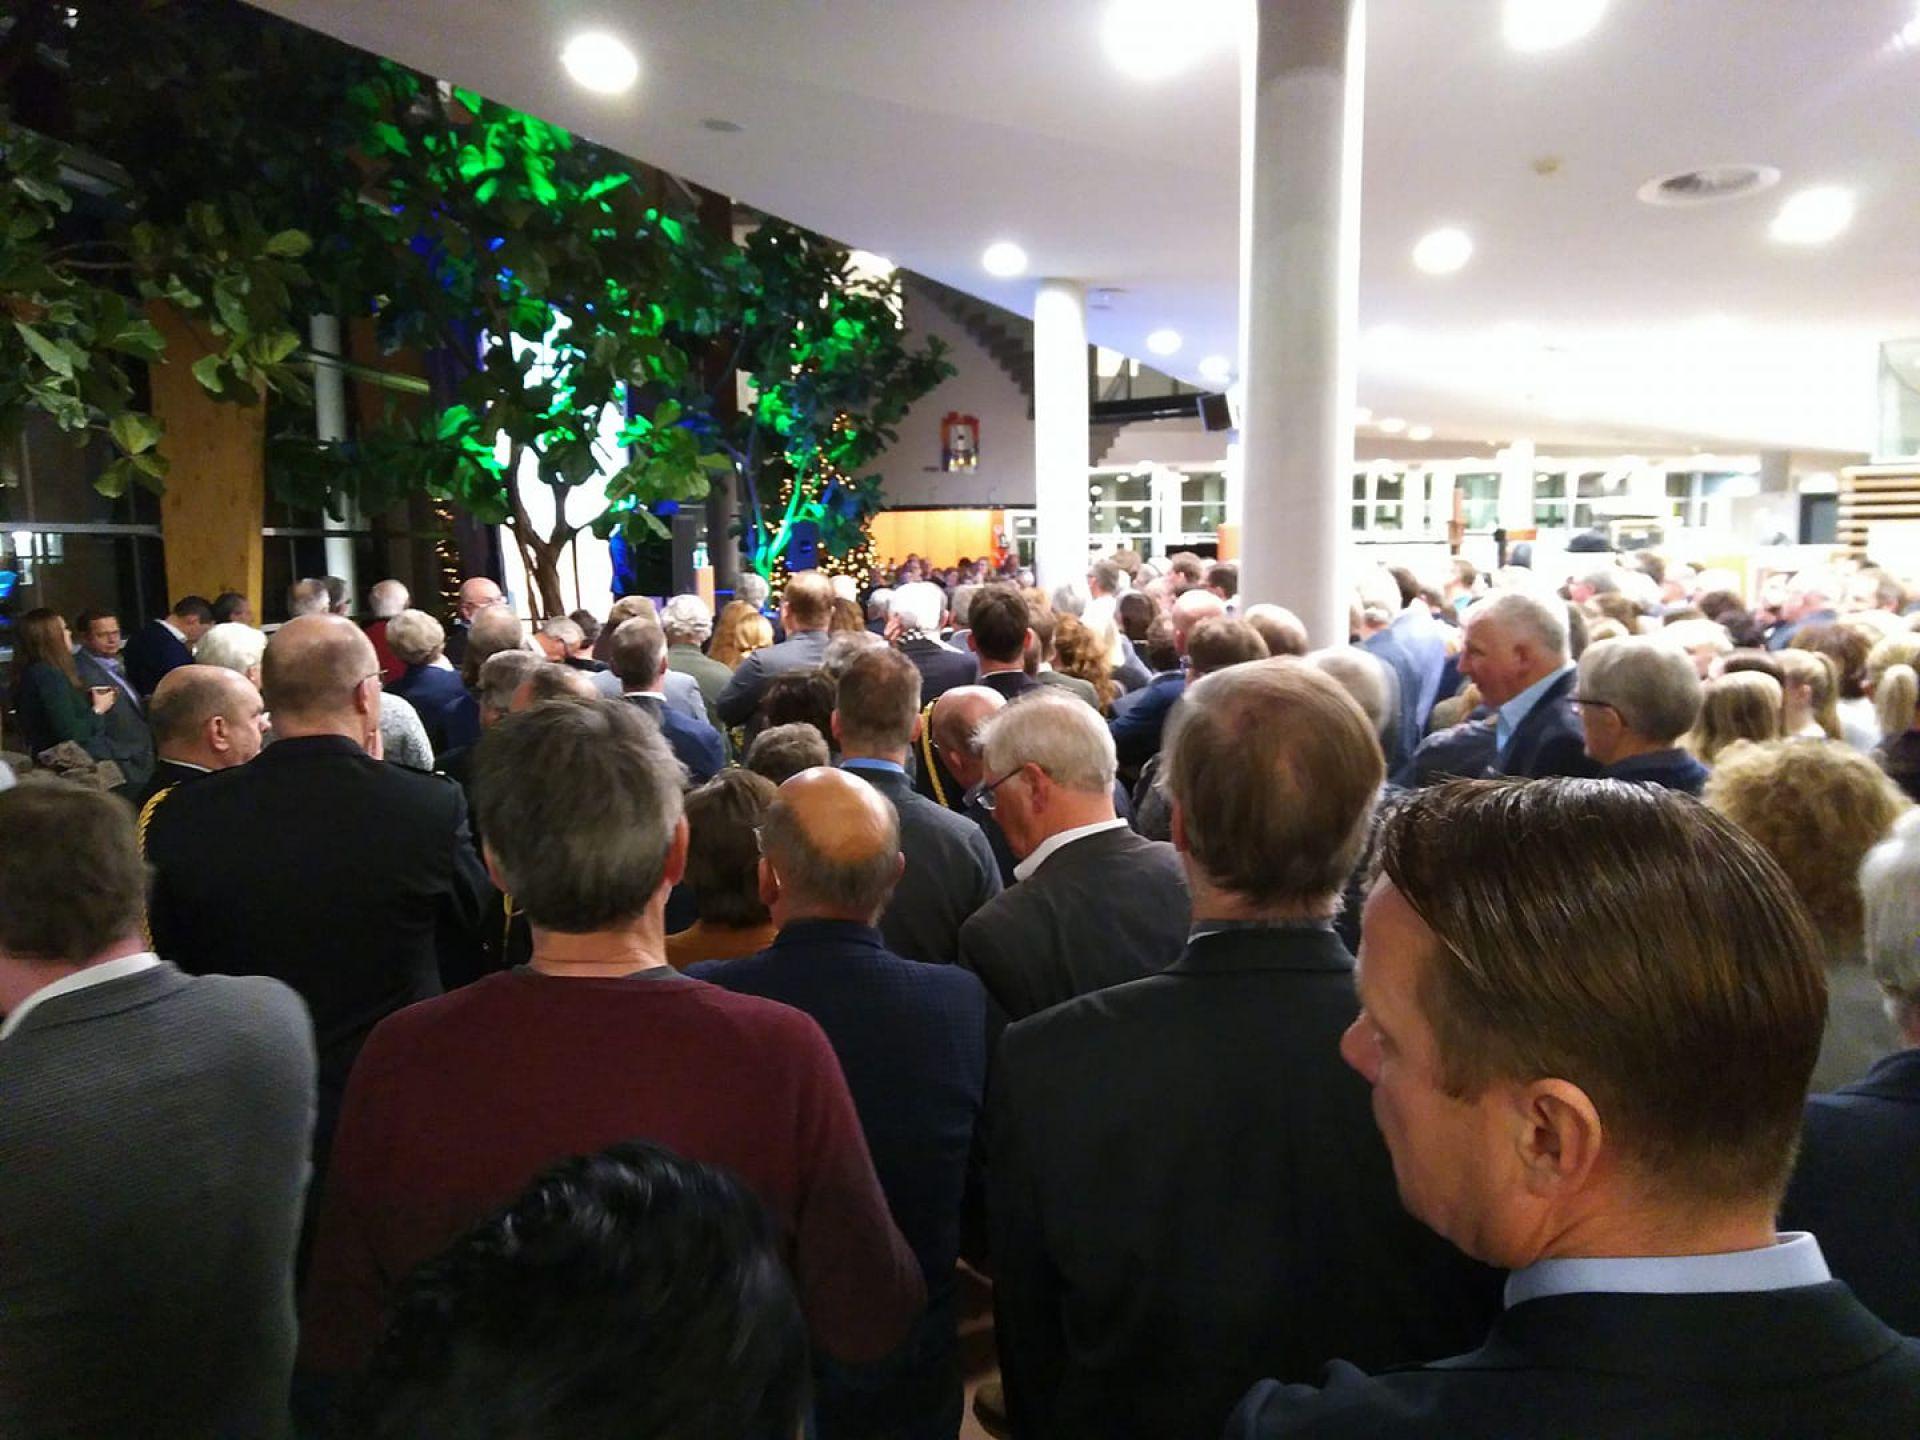 Deldense kampioenen gehuldigd tijdens drukbezochte nieuwjaarsreceptie gemeente